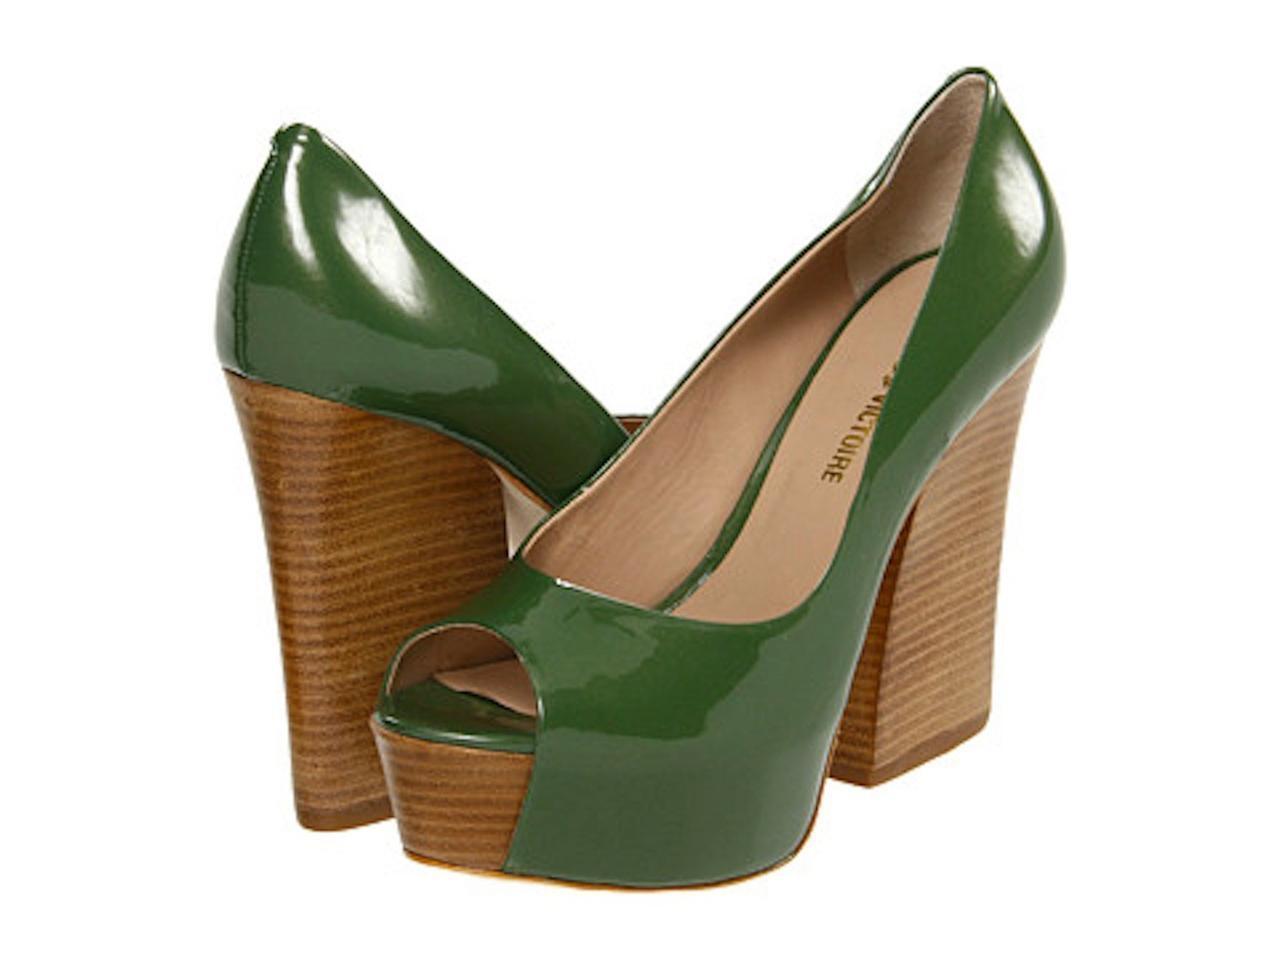 la migliore moda Pour La Victoire Murphy Olive Olive Olive verde Pearlized patent Platform Pump open toe peep  presa di marca